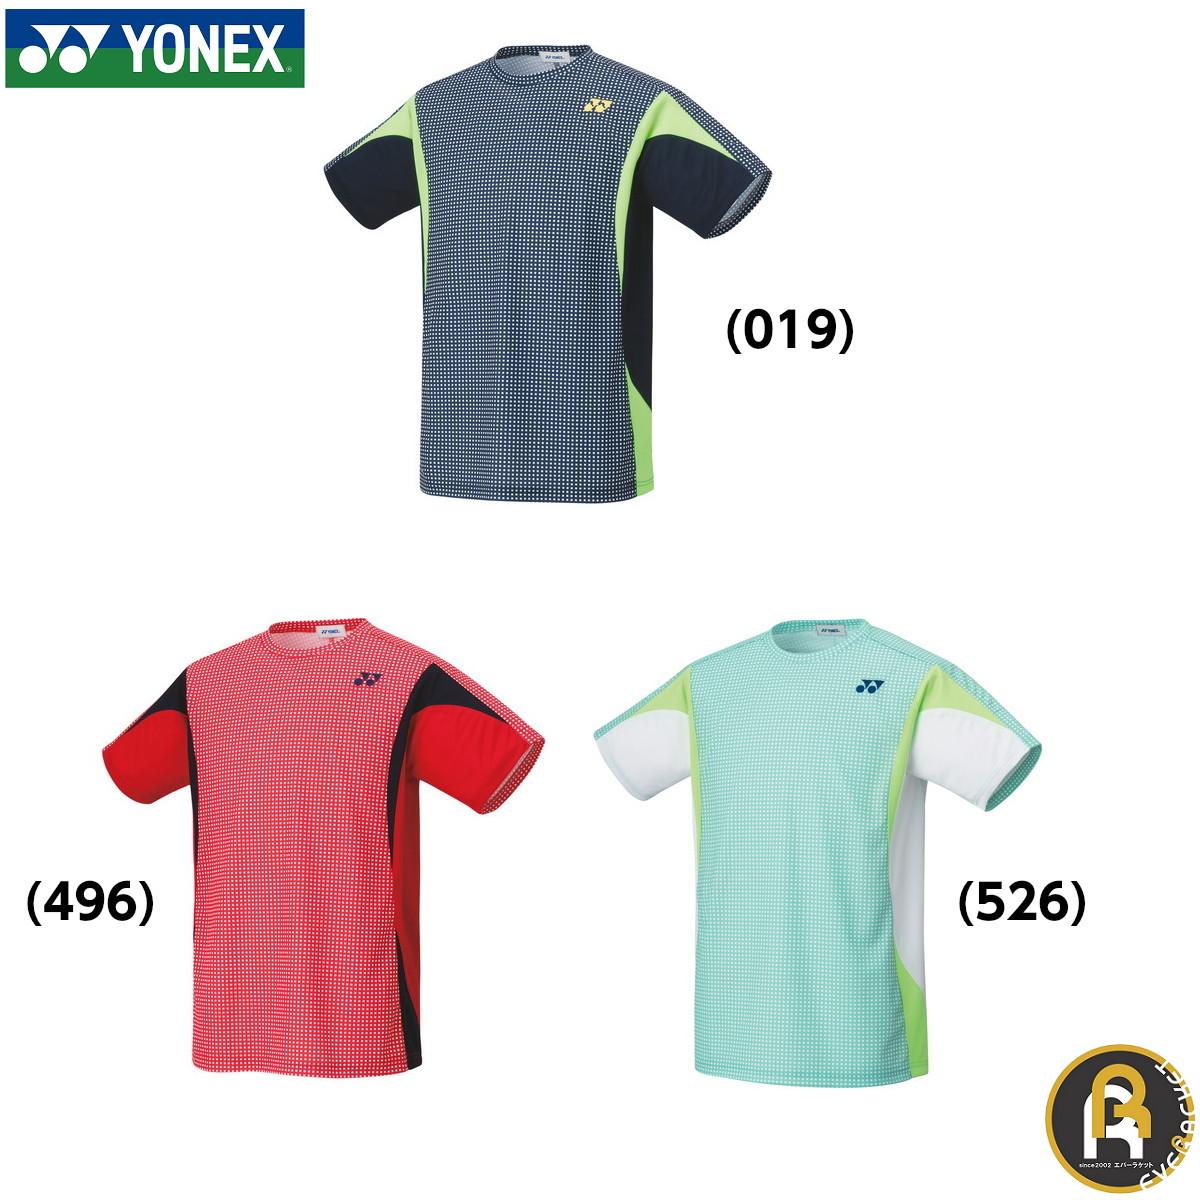 2020年SS YONEX:ユニゲームシャツ 在庫限り35%OFF ポスト投函送料無料 安心の定価販売 ヨネックス ついに再販開始 YONEX バドミントン ソフトテニス ユニゲームシャツ ウエア 10356